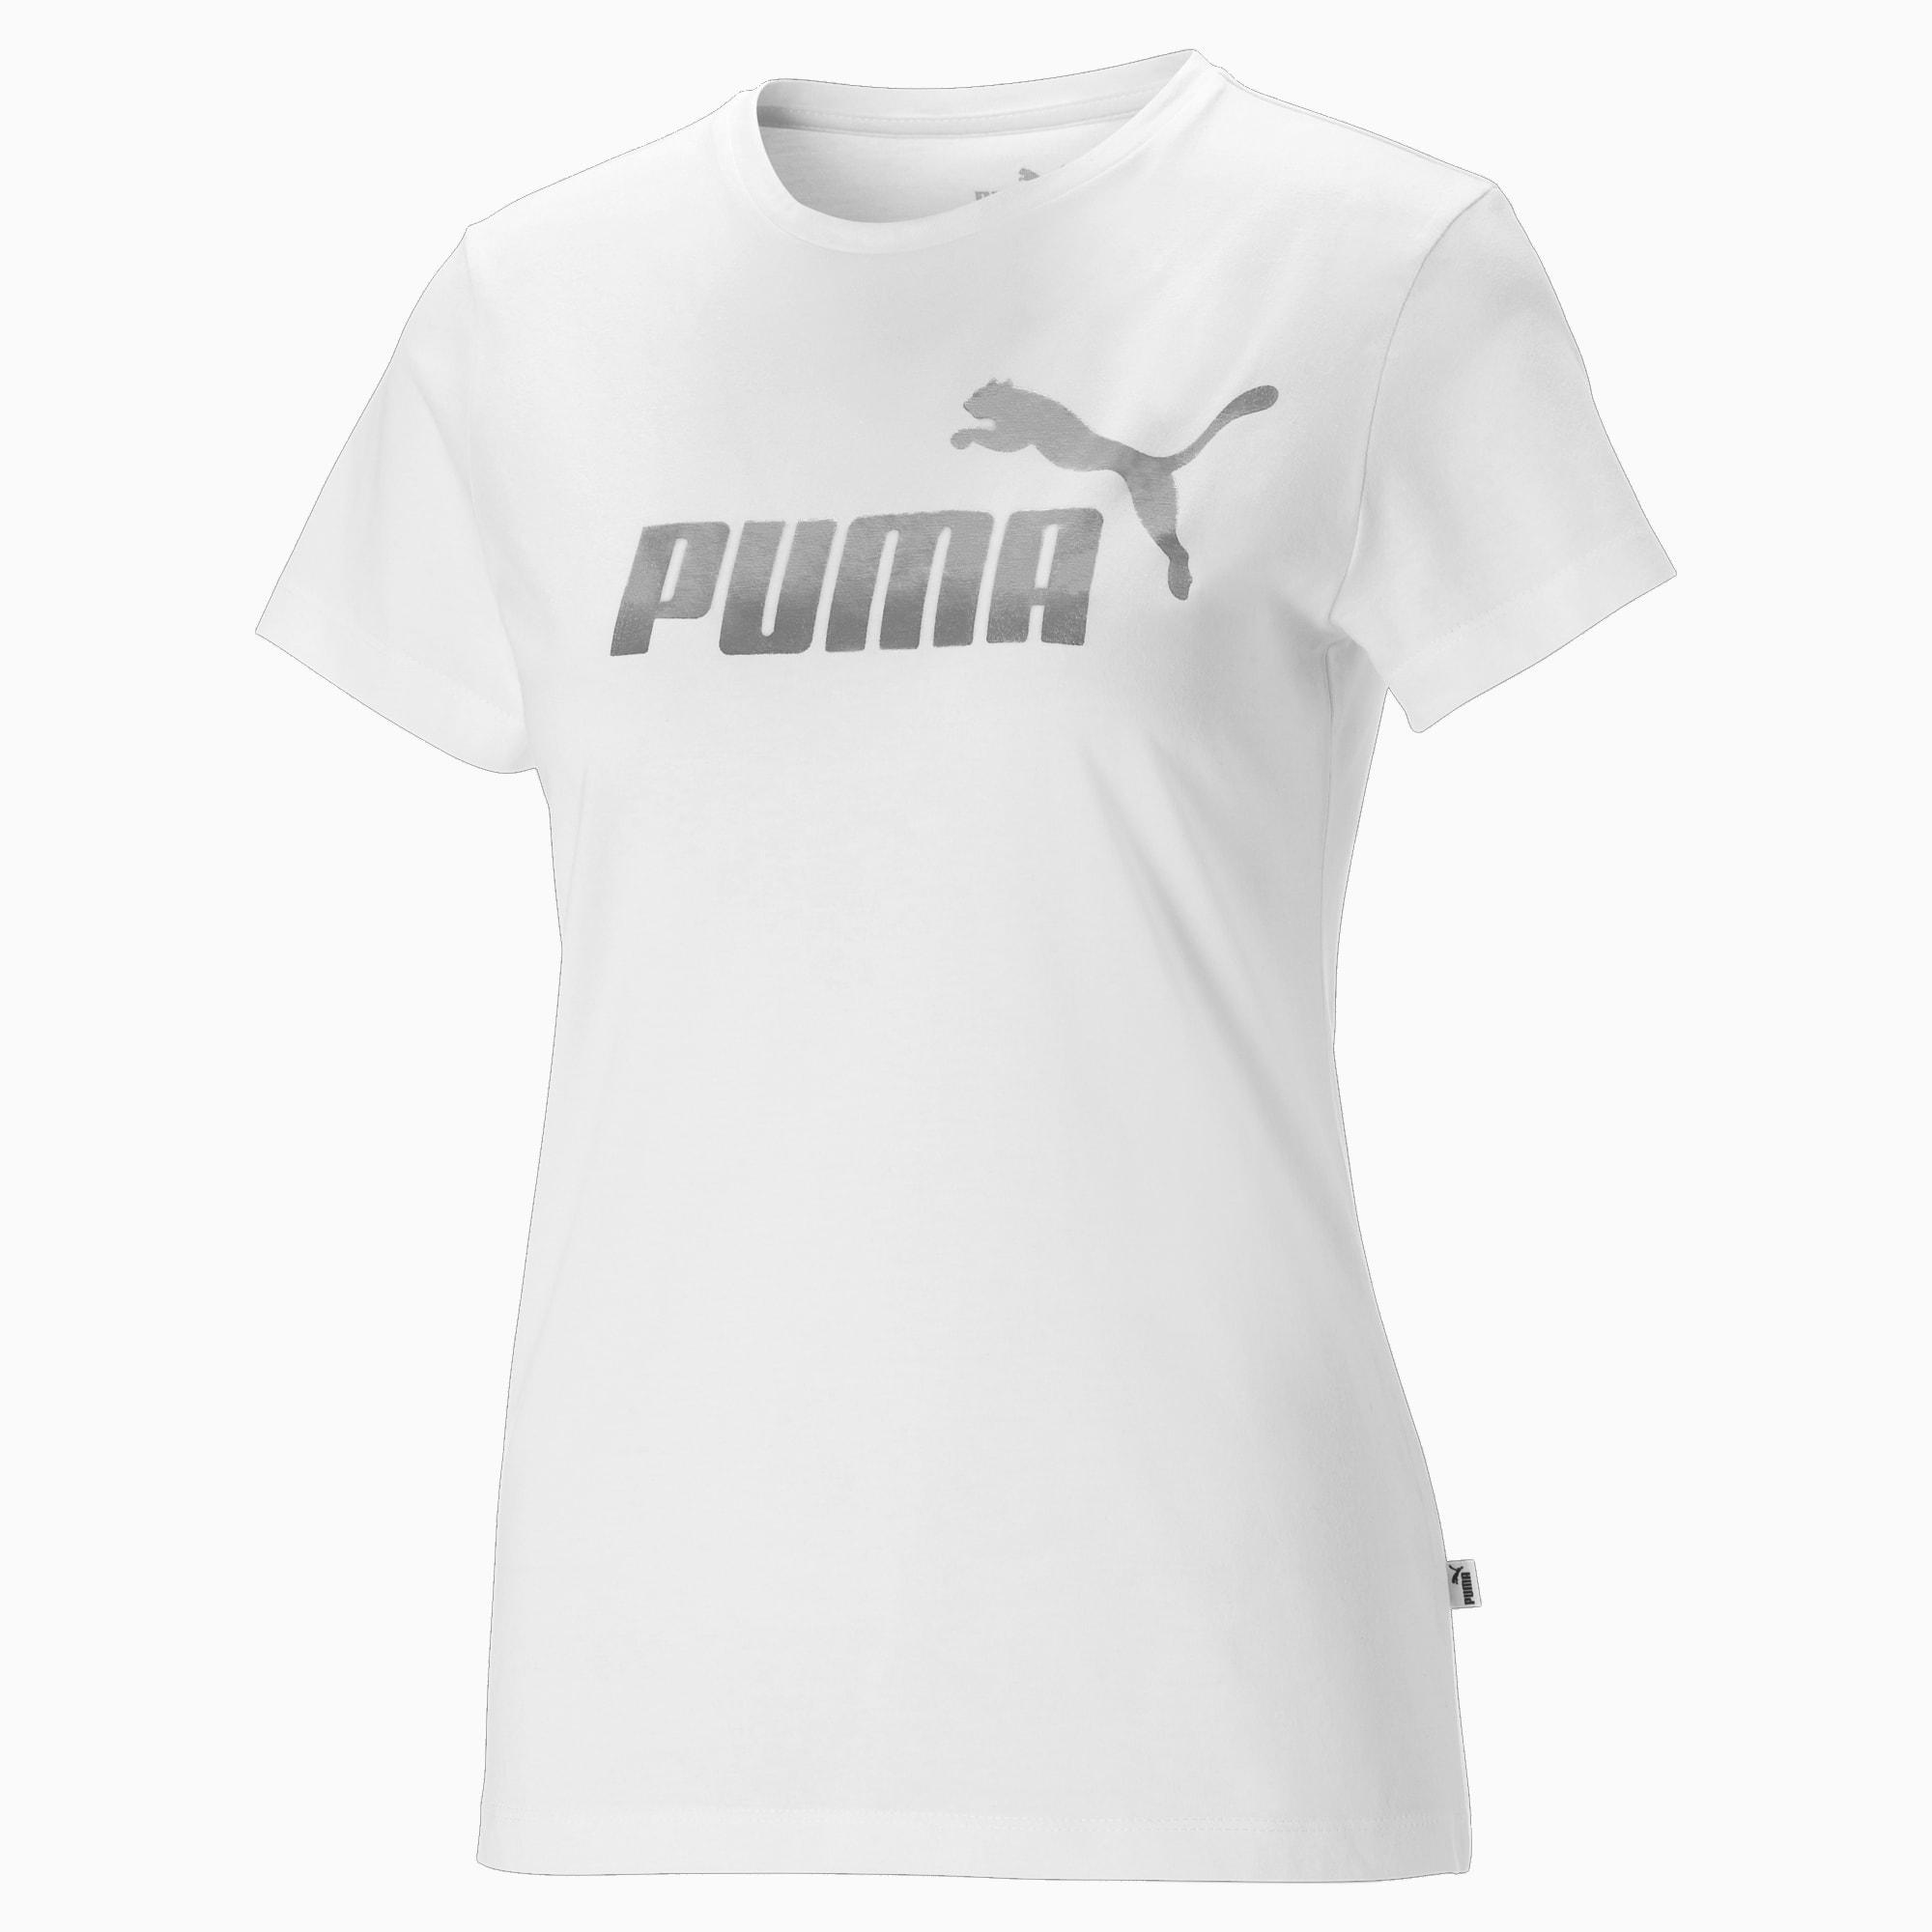 puma -  Essentials+ Metallic Logo Damen T-Shirt | Mit Aucun | Weiß/Silber | Größe: M